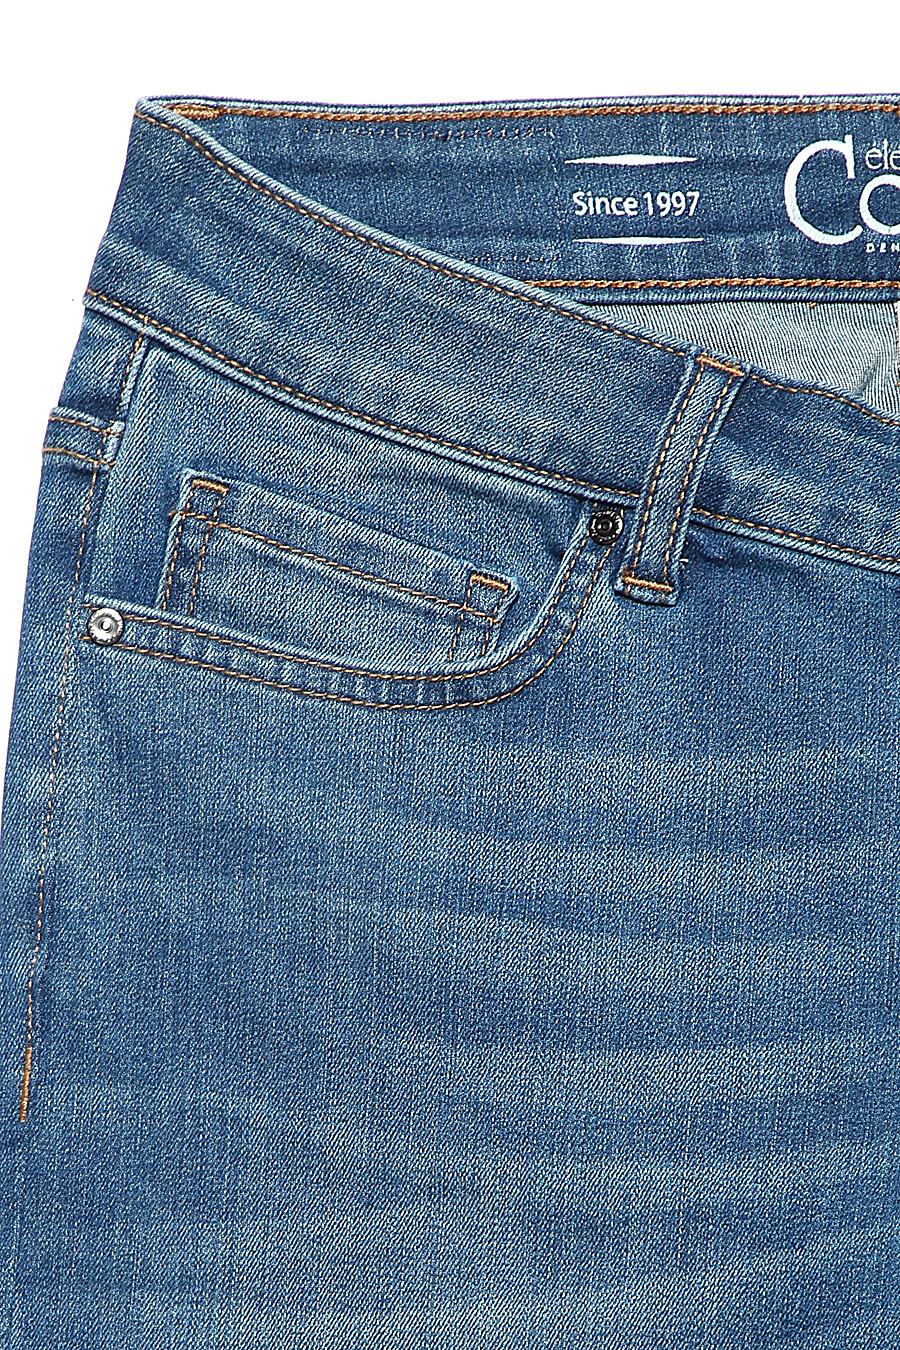 Джинсы для женщин CONTE ELEGANT 148324 купить оптом от производителя. Совместная покупка женской одежды в OptMoyo